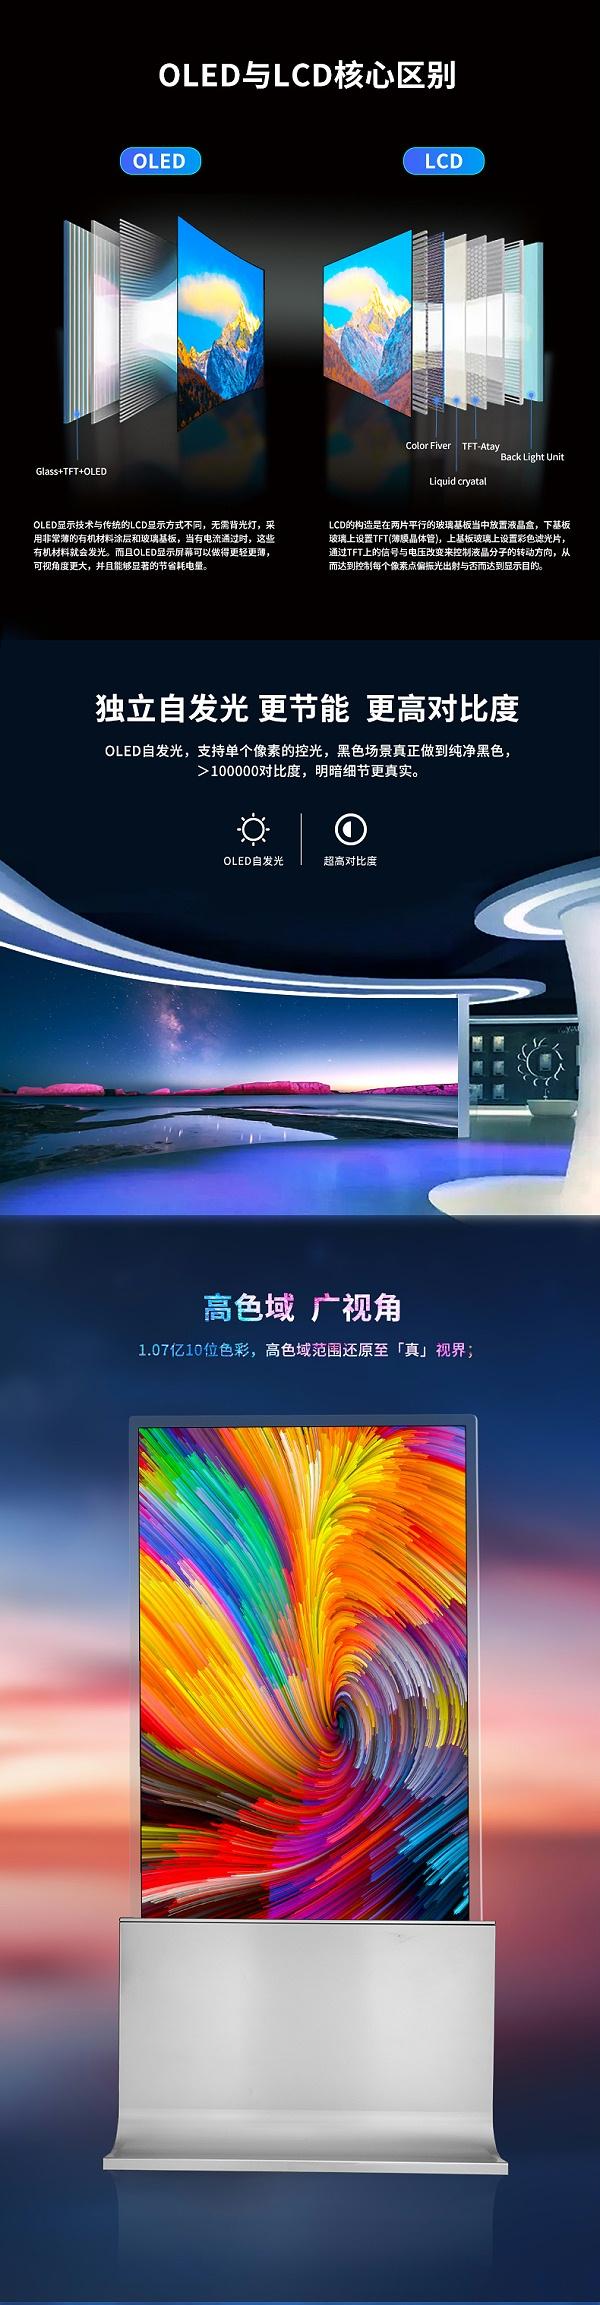 OLED和LCD区别